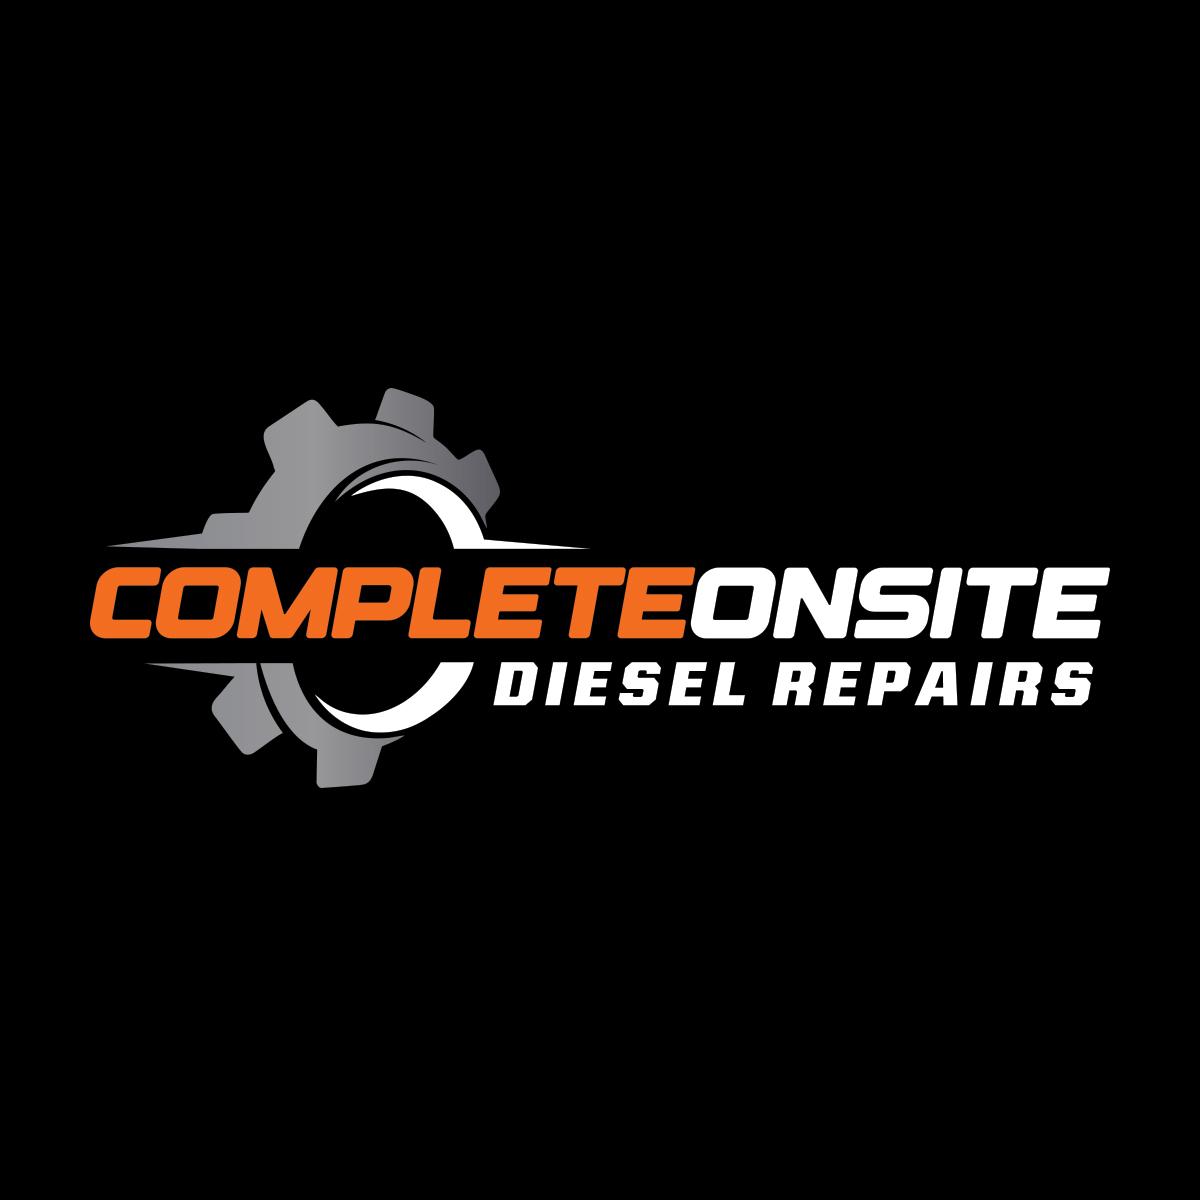 Complete Onsite Diesel Repairs Pty Ltd